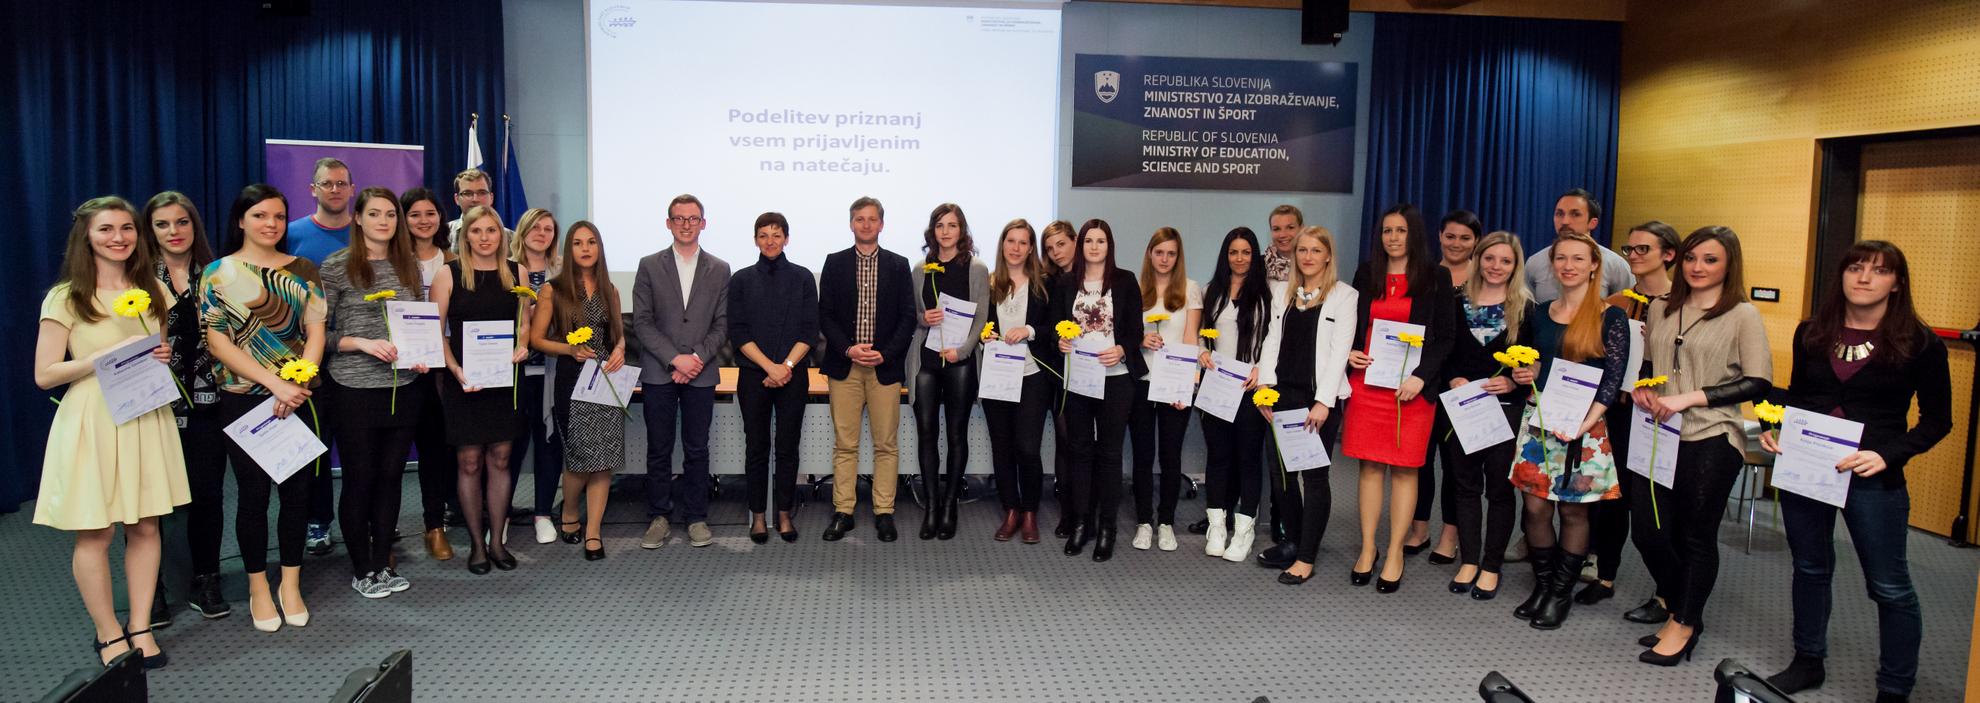 05. 04. 2016 Ljubljana, Ministrstvo za izobraževanje znanost in šport. Podelitev nagrad najboljšim diplomam in magisterijem na temo mladih.